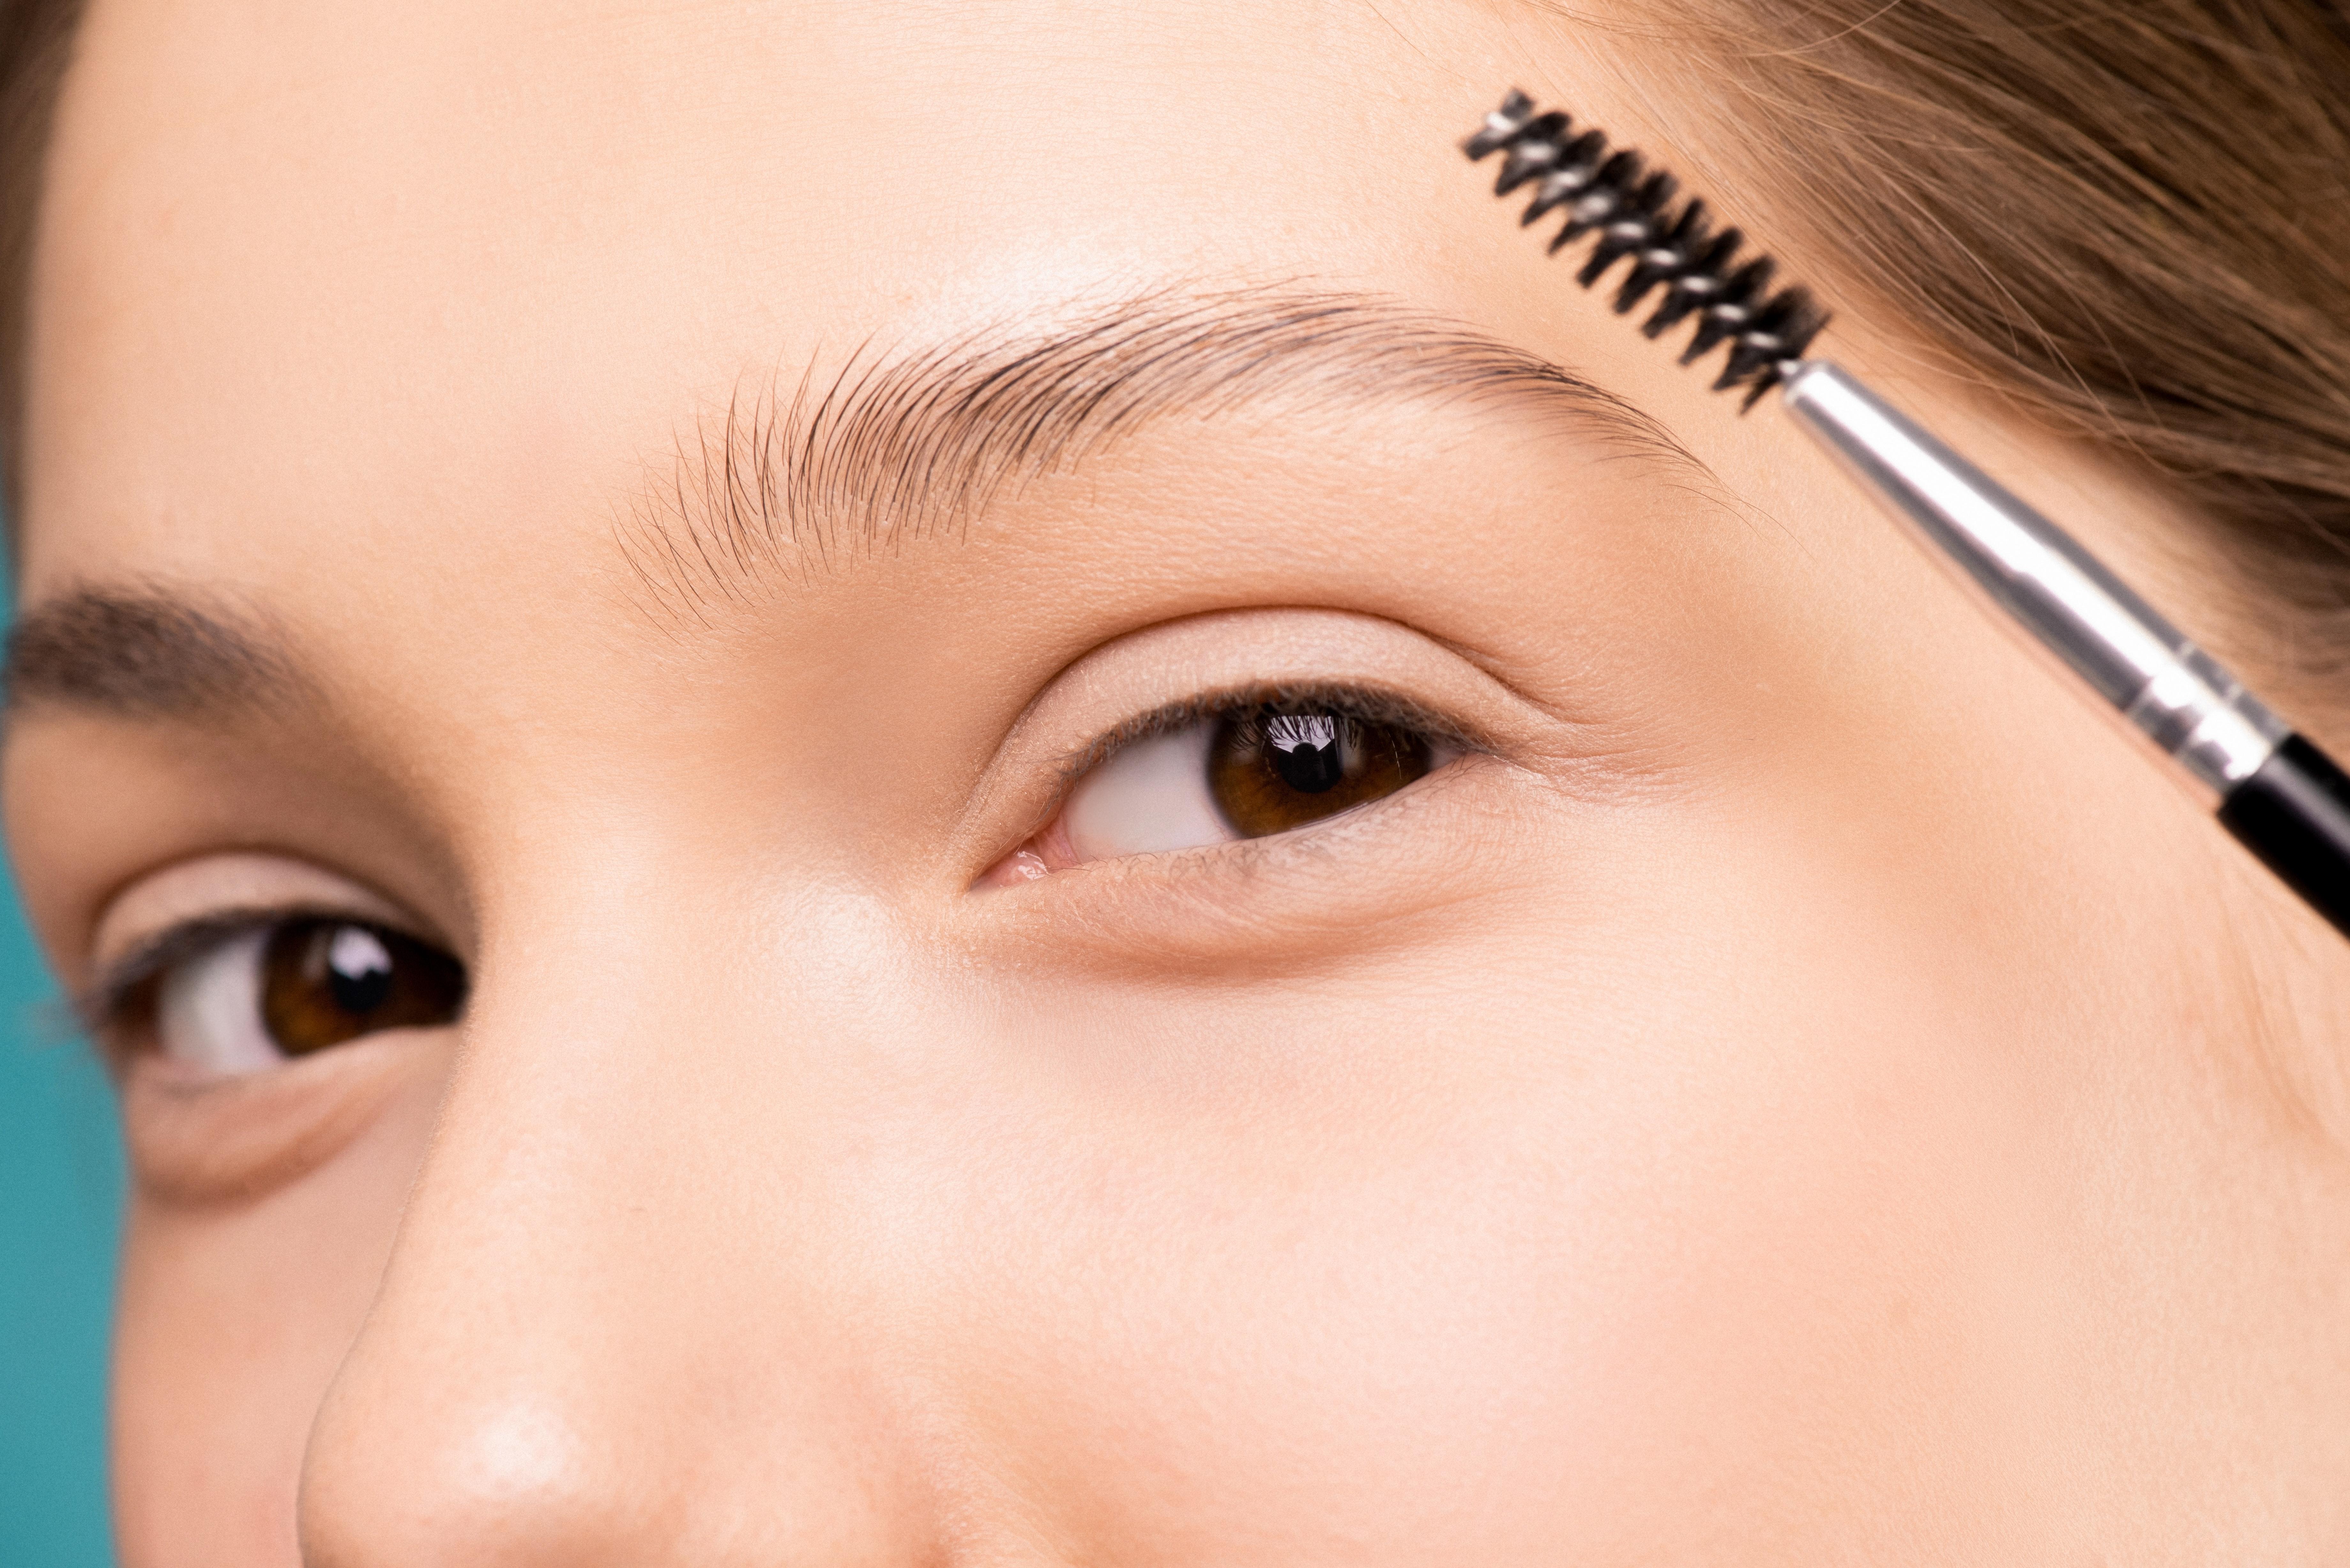 dívka si maluje oči řasenkou